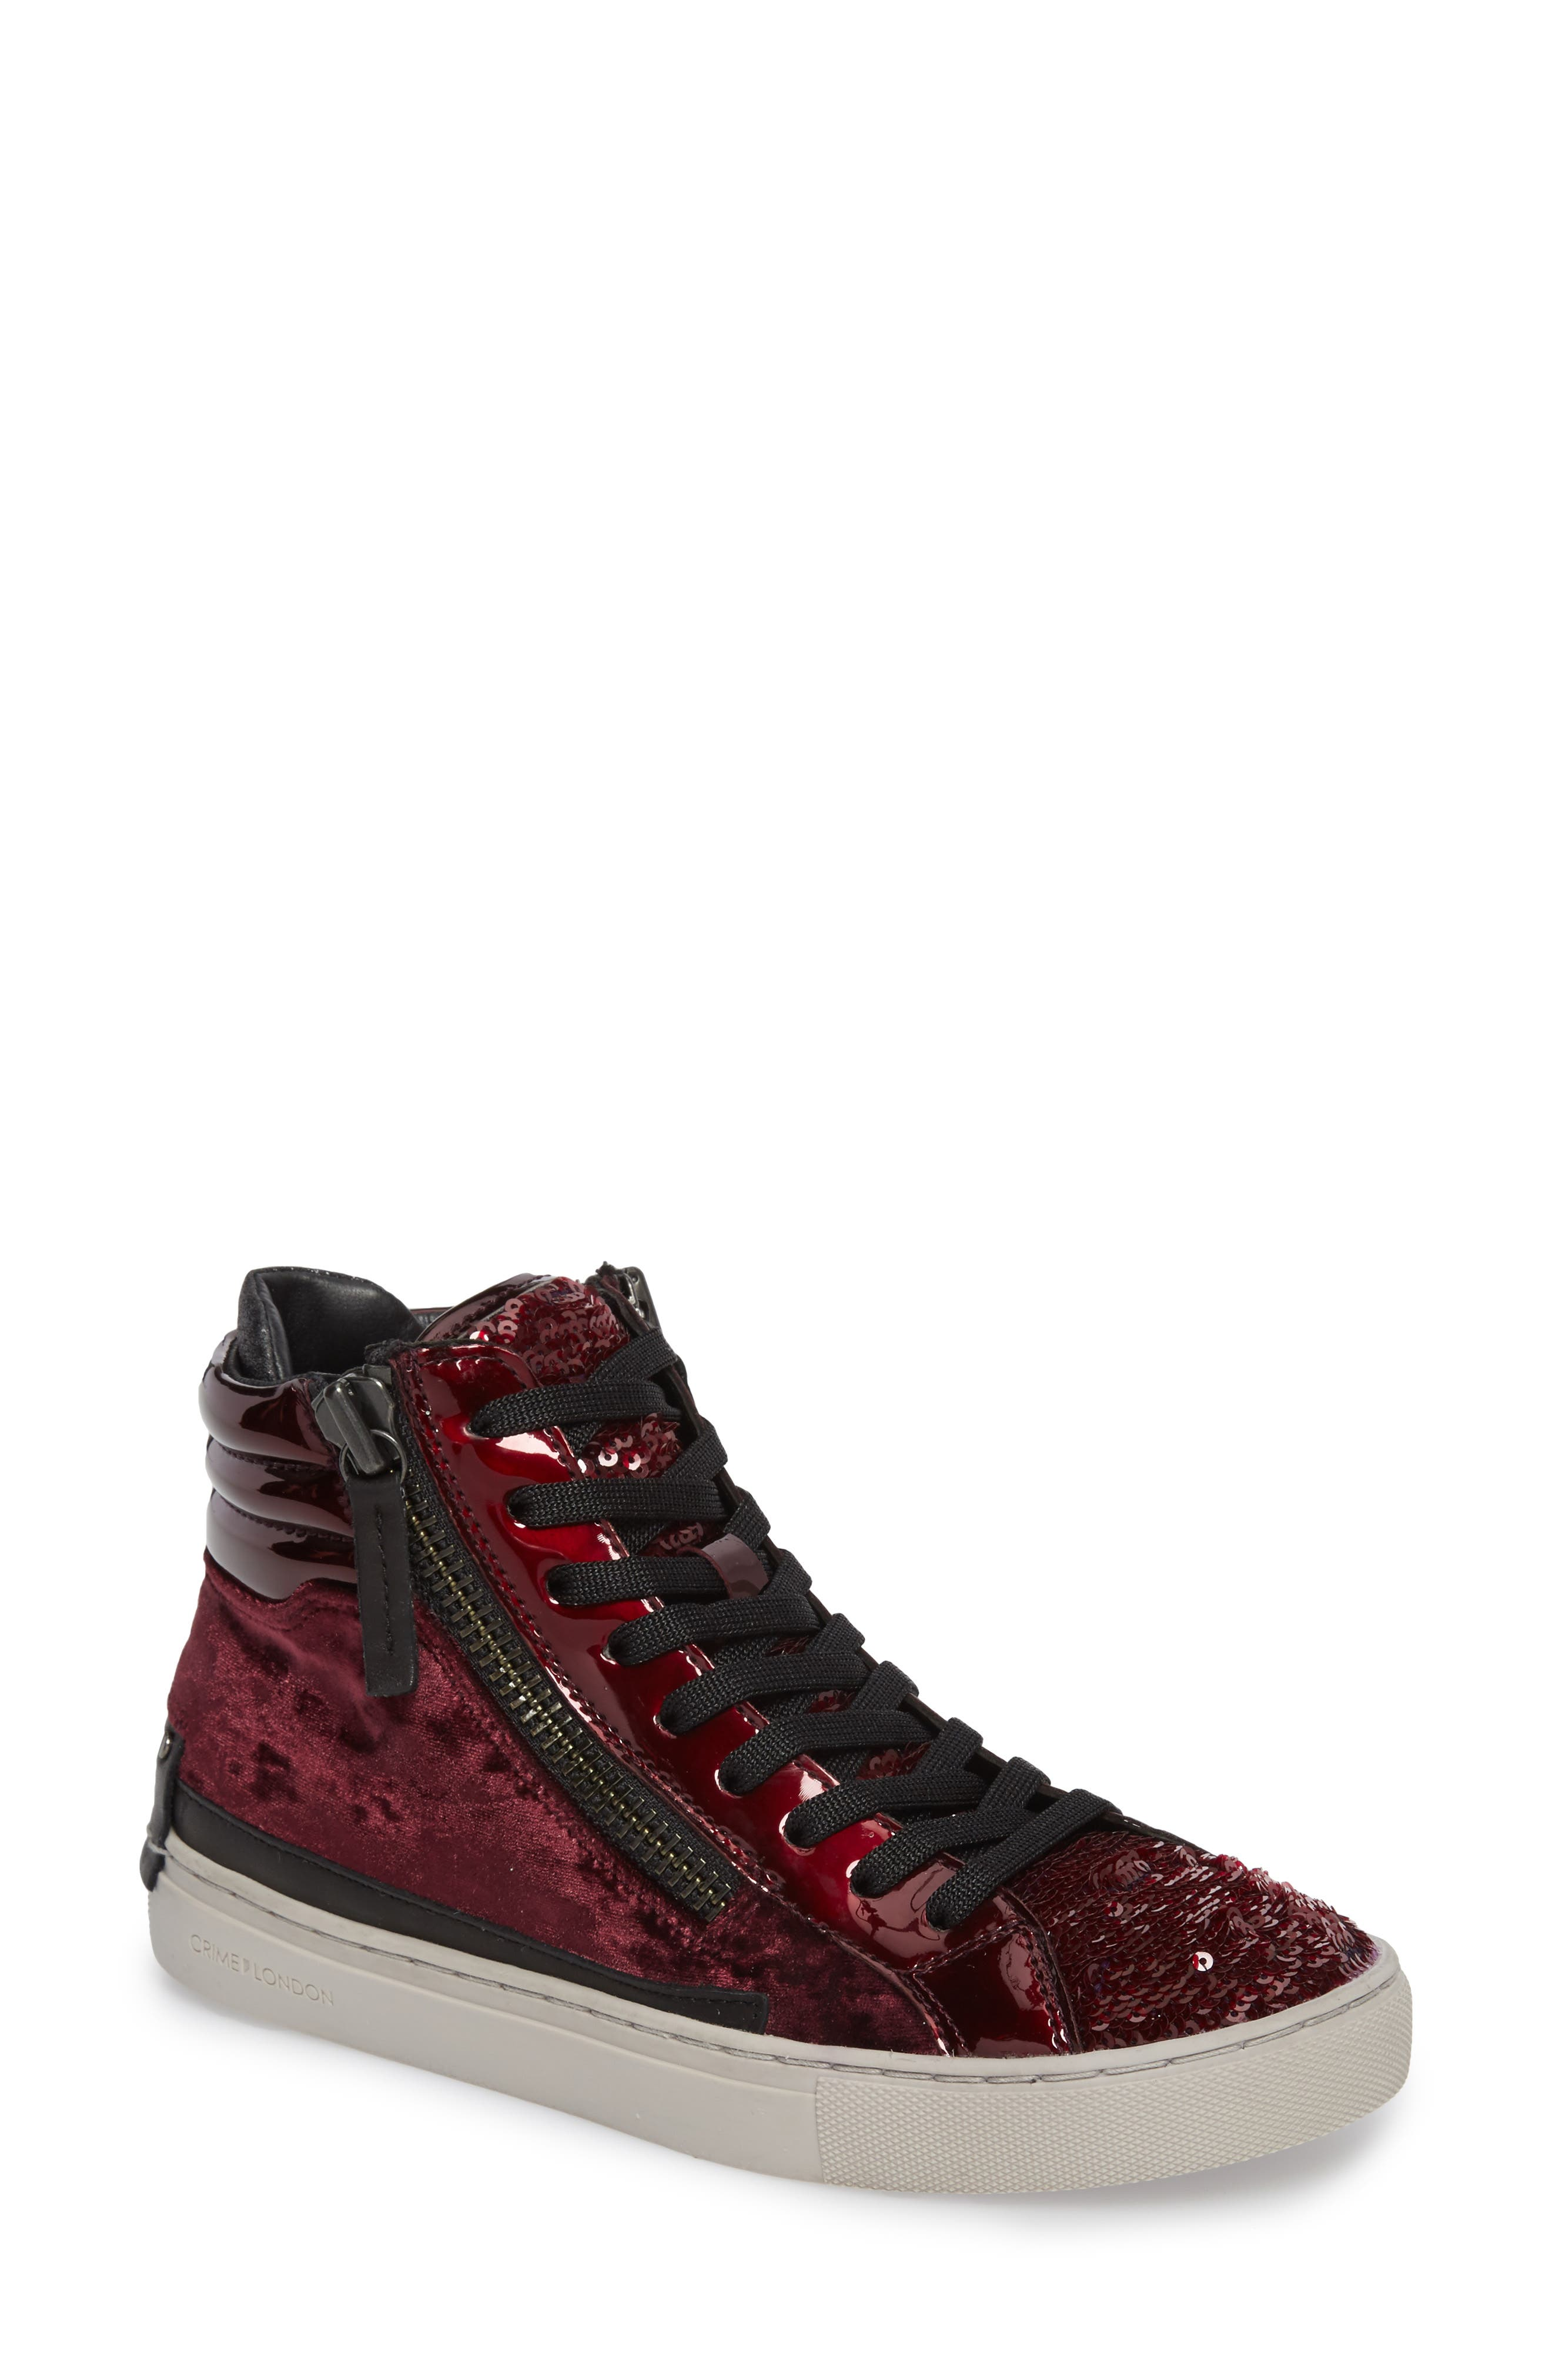 Java Hi Sneaker,                         Main,                         color, 930